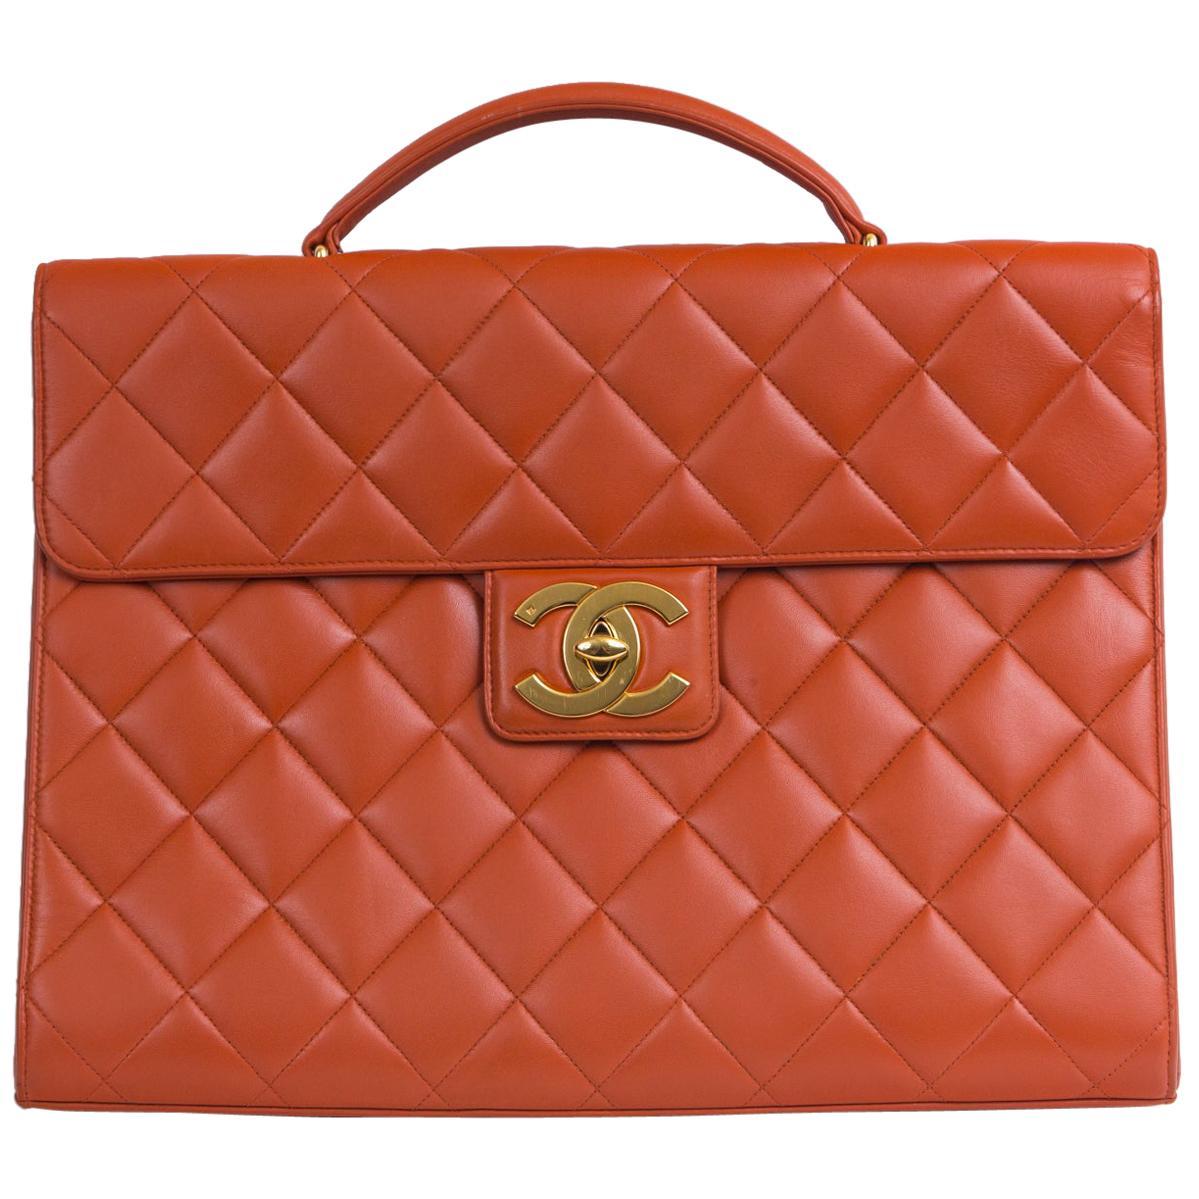 Chanel Orange Lambskin Briefcase